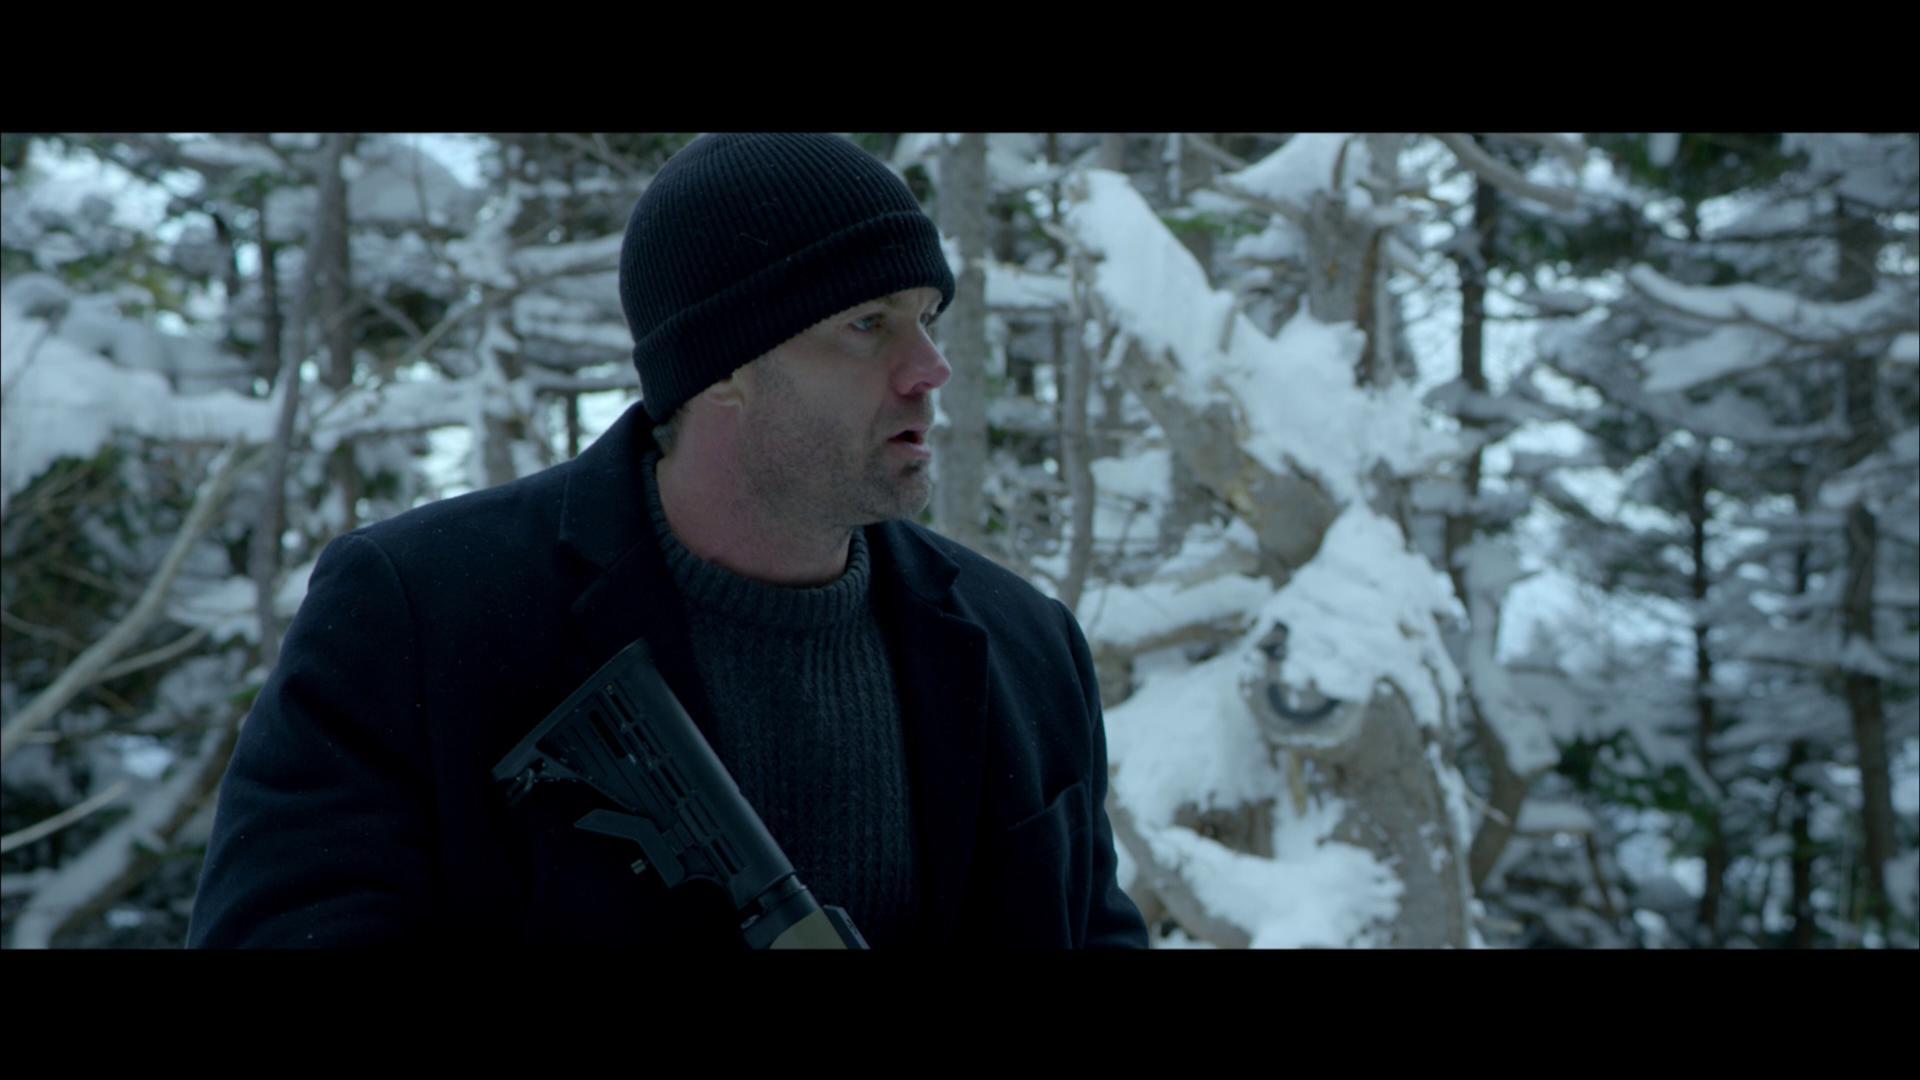 Braven - Blu-ray Review - ReDVDit